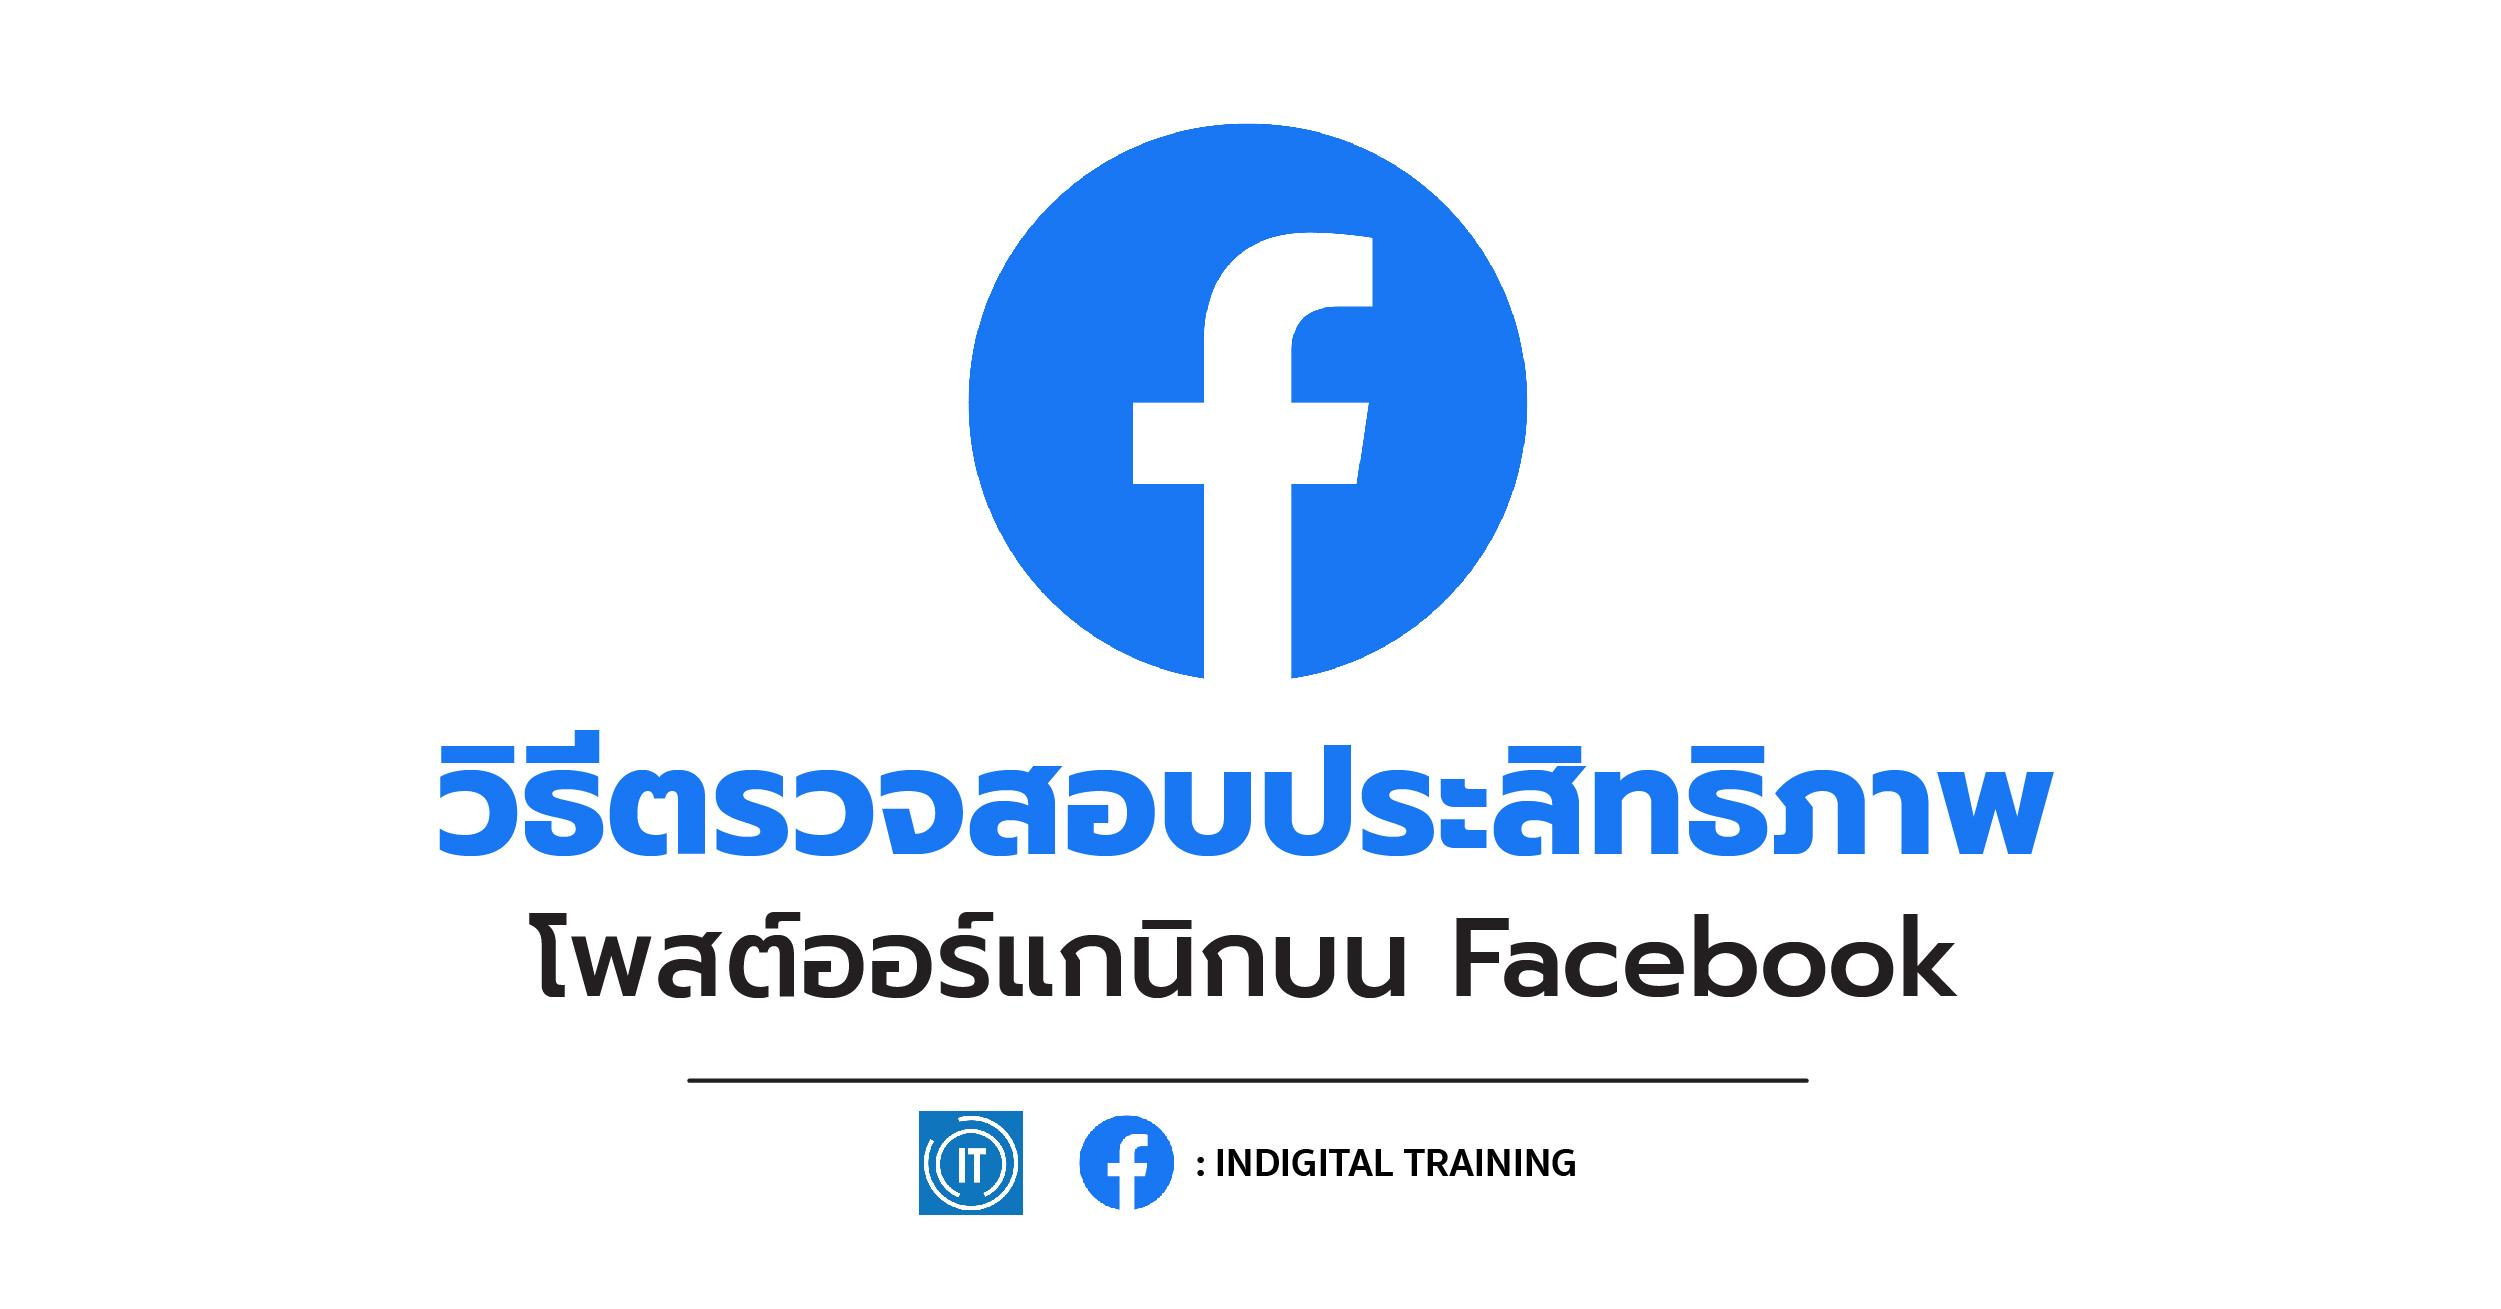 วิธีตรวจสอบประสิทธิภาพ เนื้อหาออร์แกนิกบน Facebook